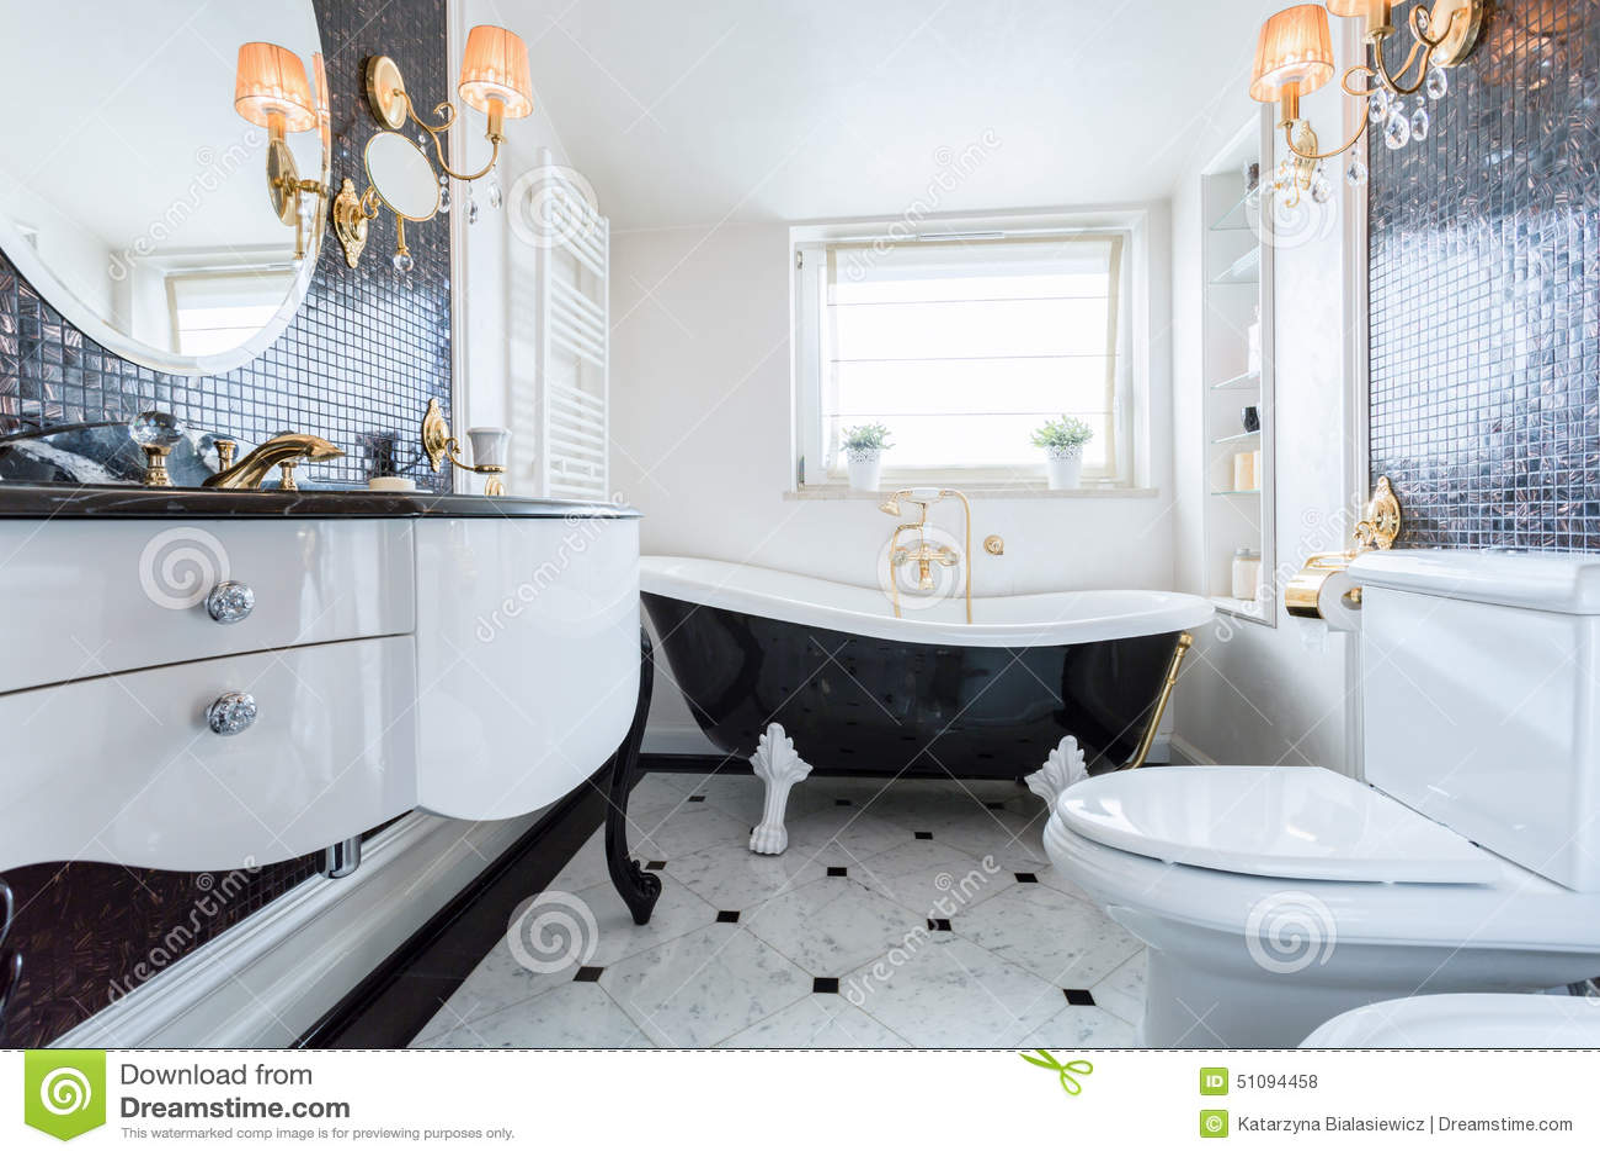 Exklusivt badrum foton - Registrera dig gratis : exklusiva badrum : Badrum